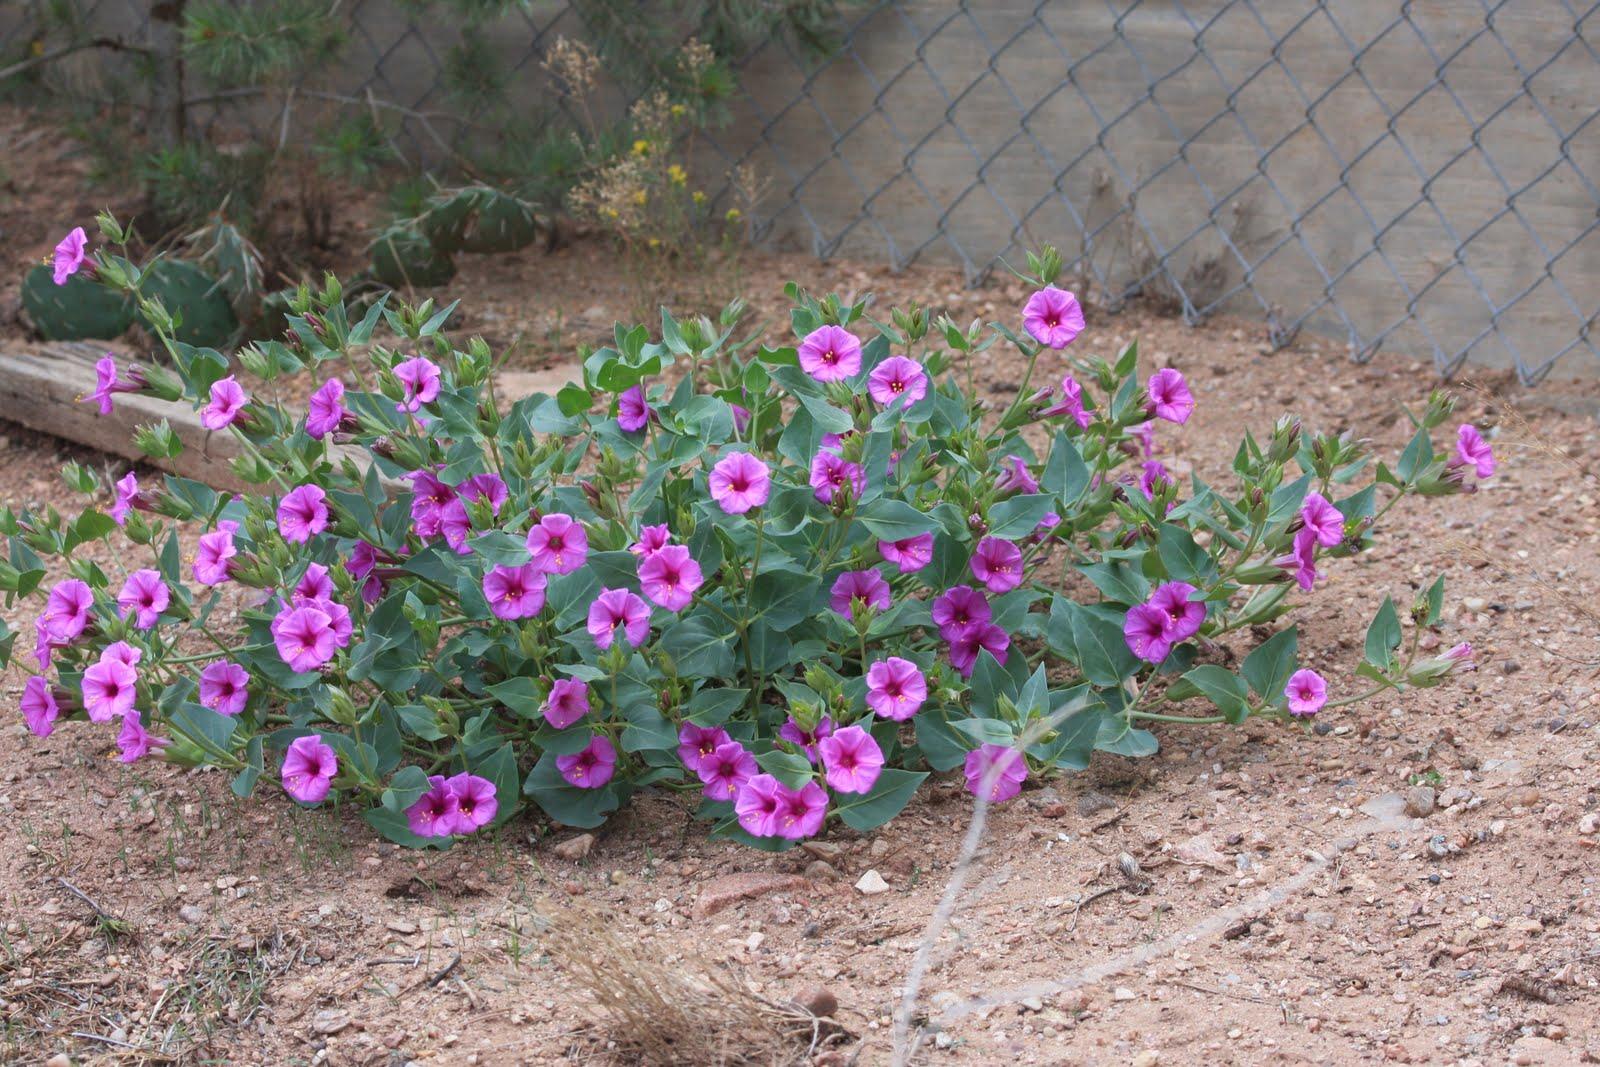 Phronesisaical: Desert Plants